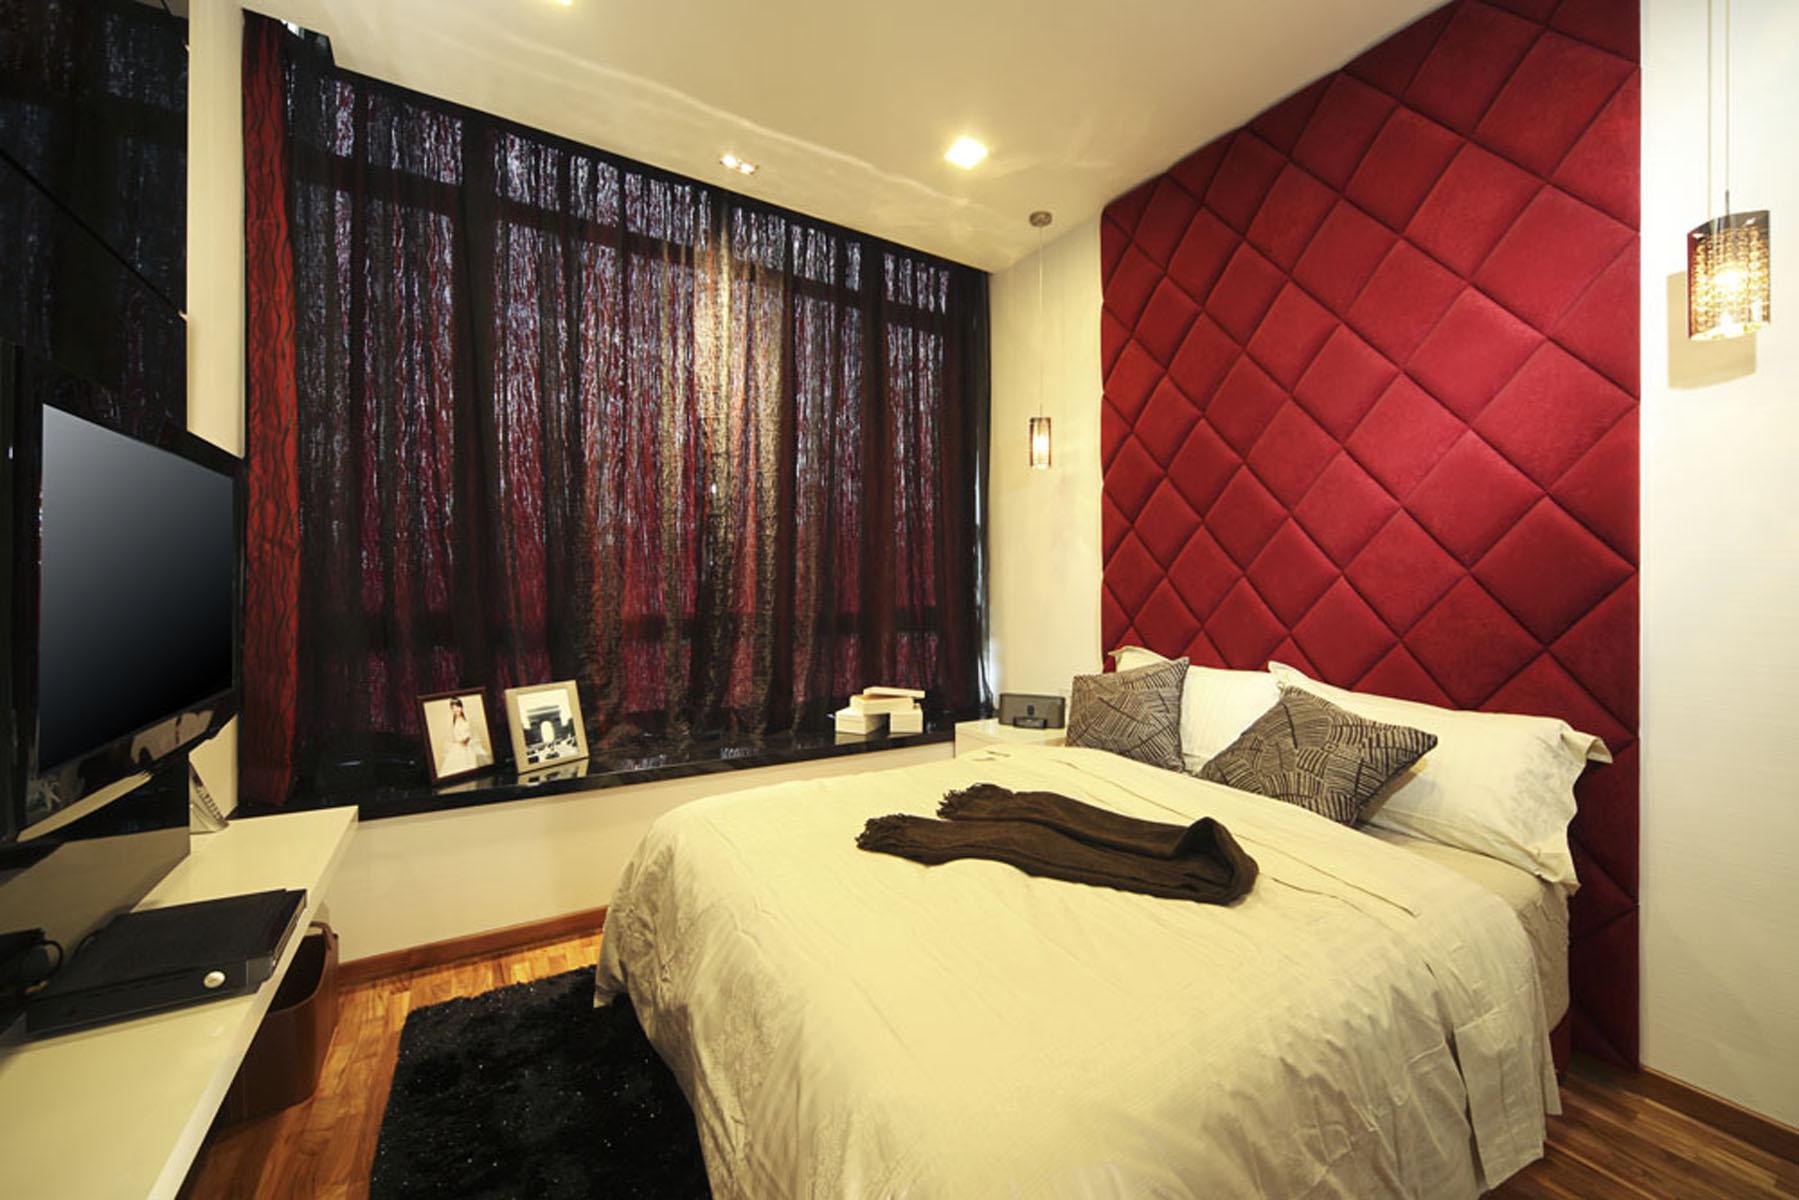 Bedroom Decor By Unimax Creative